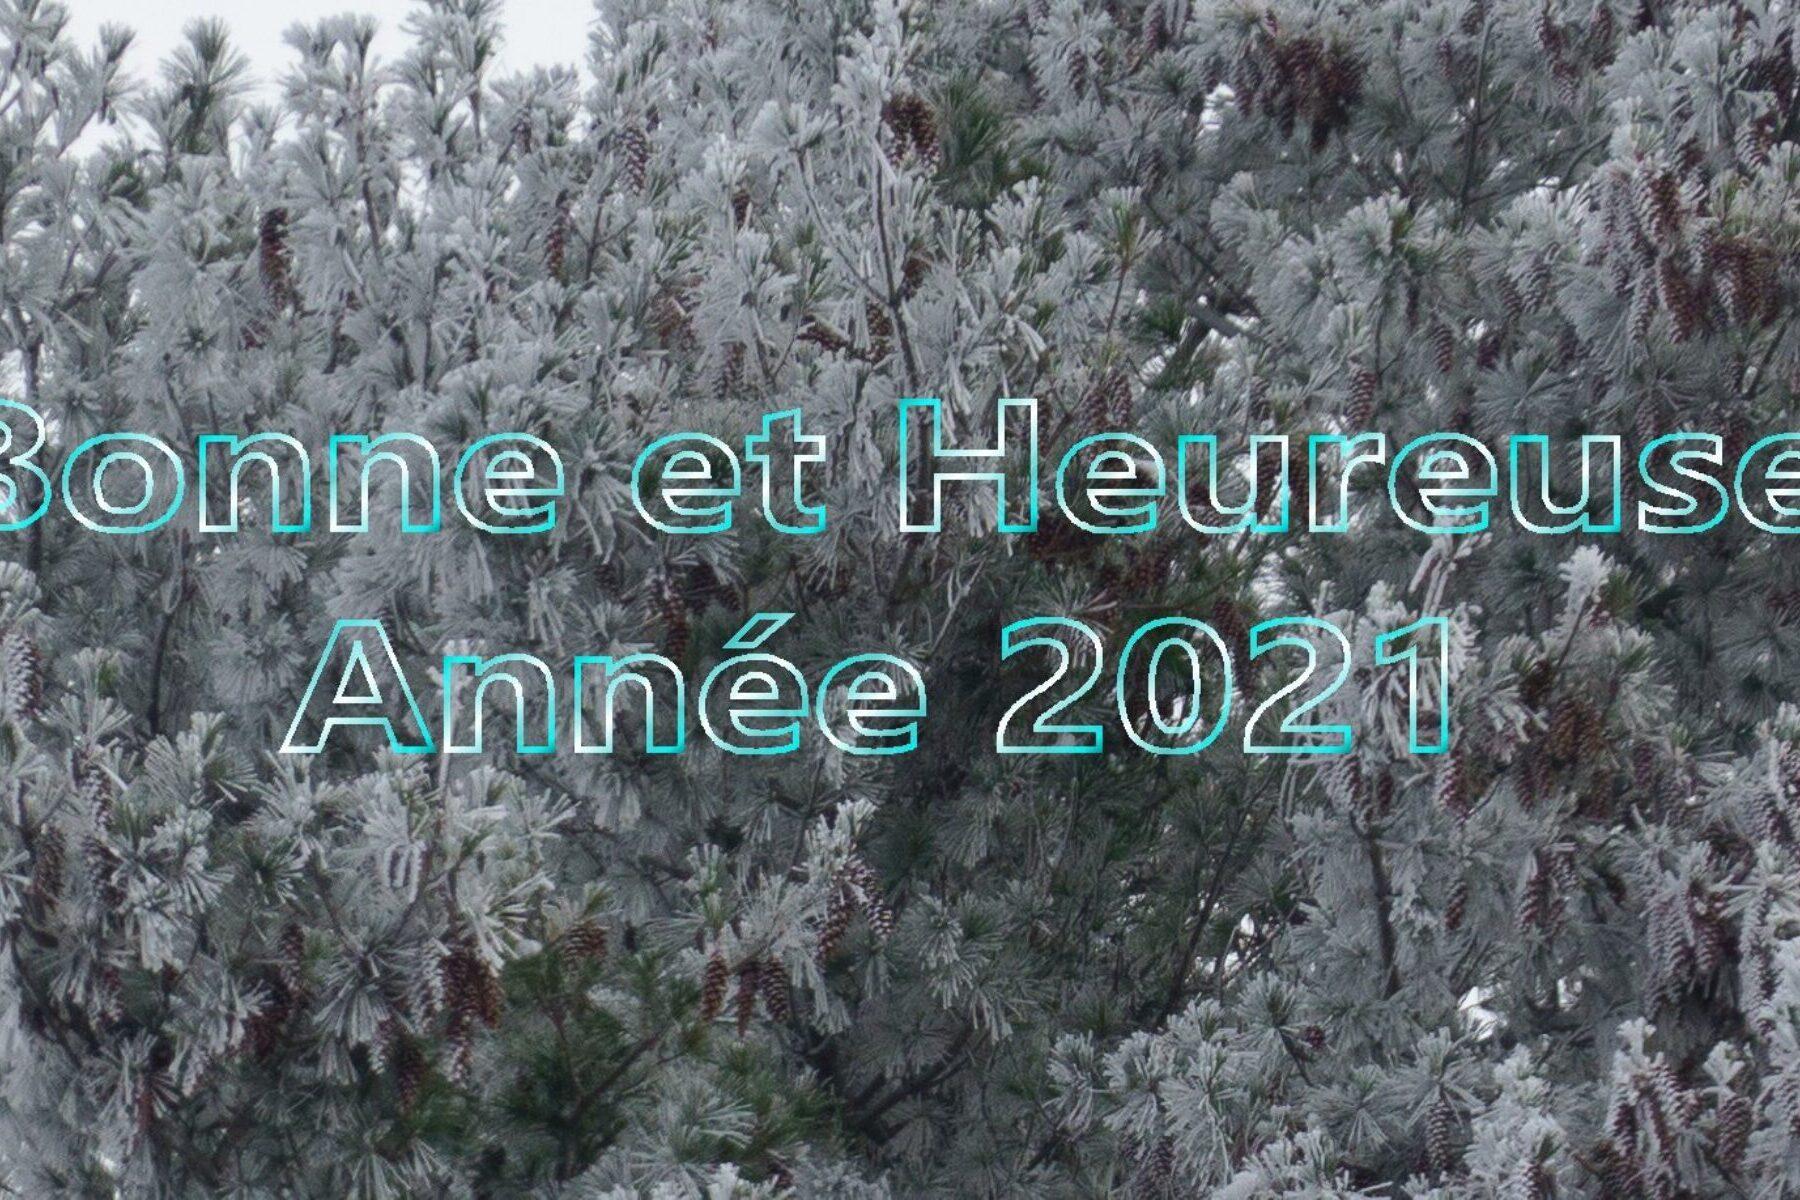 Bonne et Heureuse Année 2021!